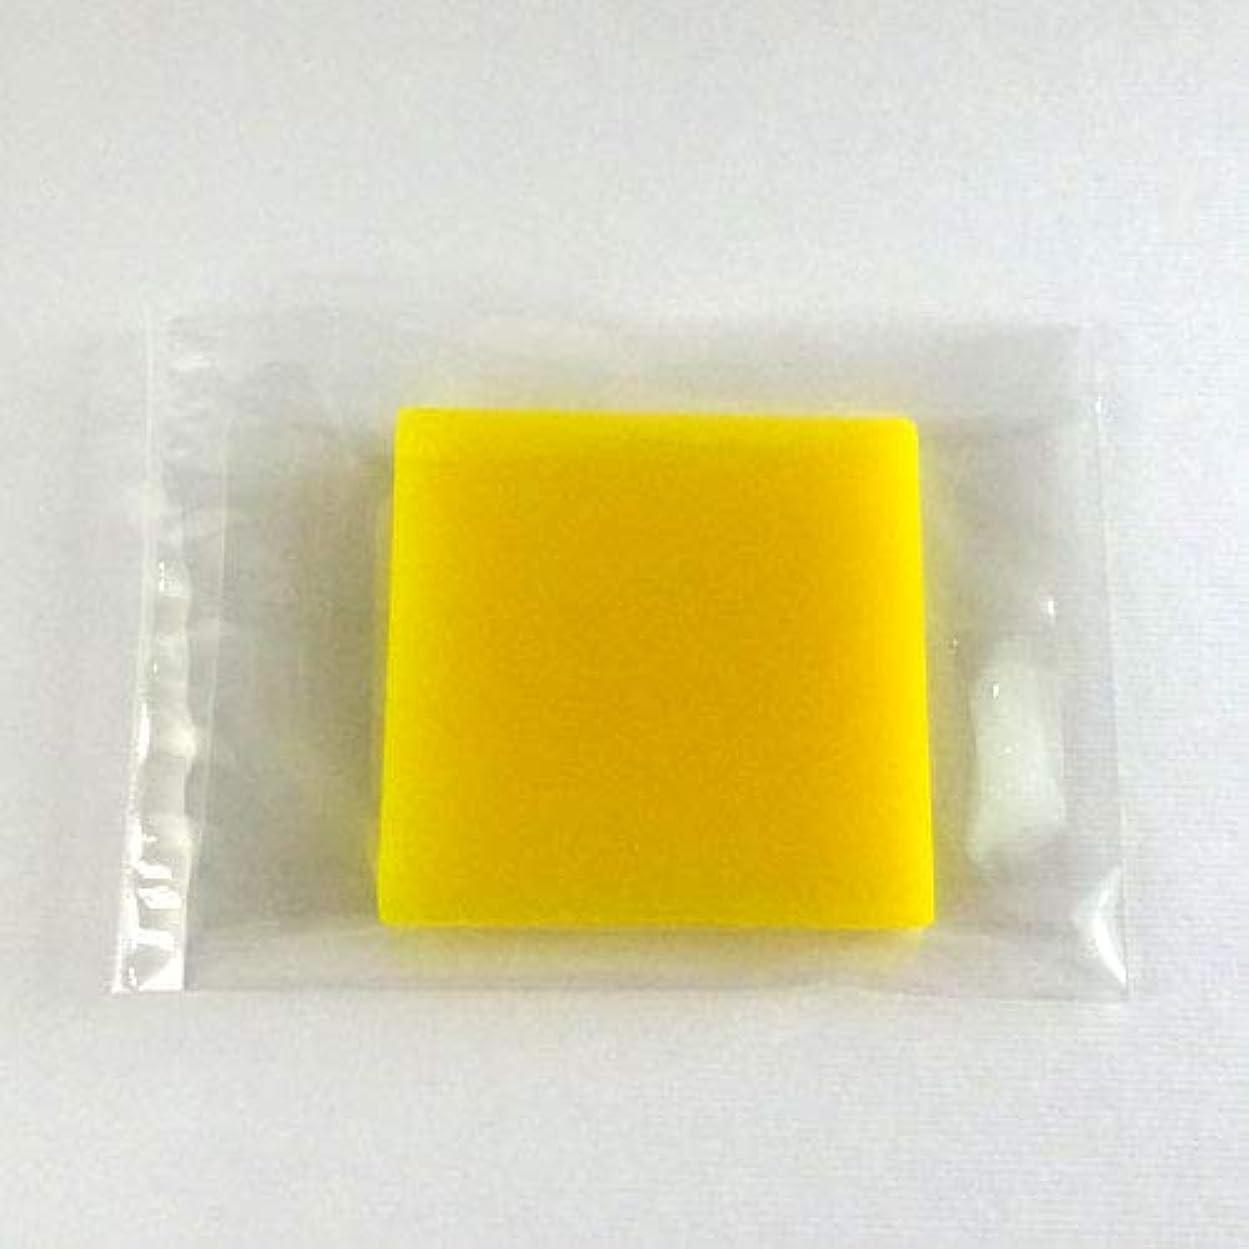 六分儀達成するパステルグリセリンソープ MPソープ 色チップ 黄(イエロー) 120g(30g x 4pc)